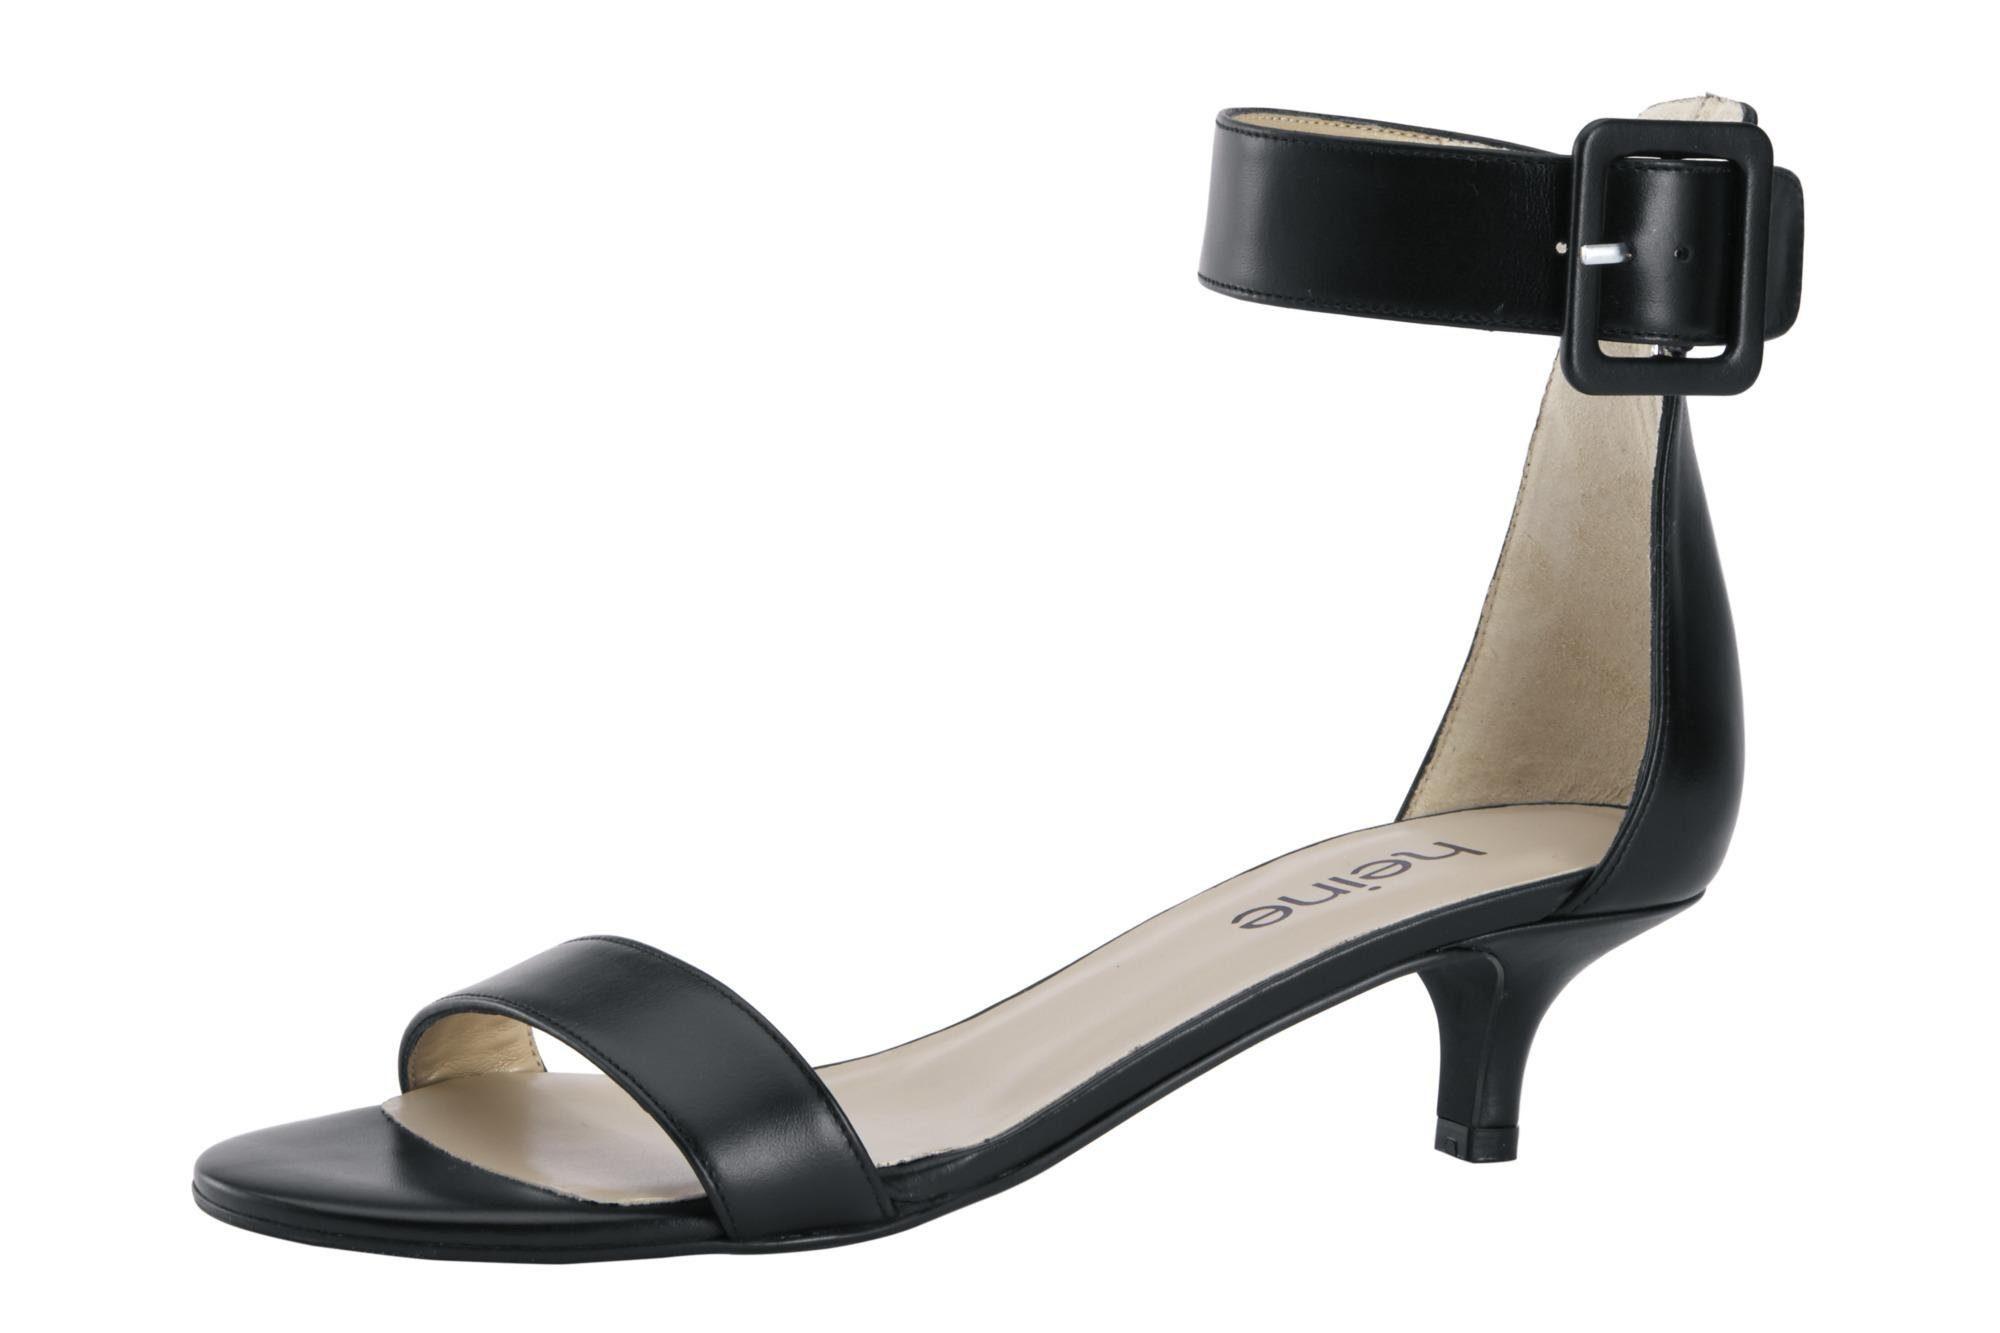 Heine Sandalette mit farblich passender Schließe